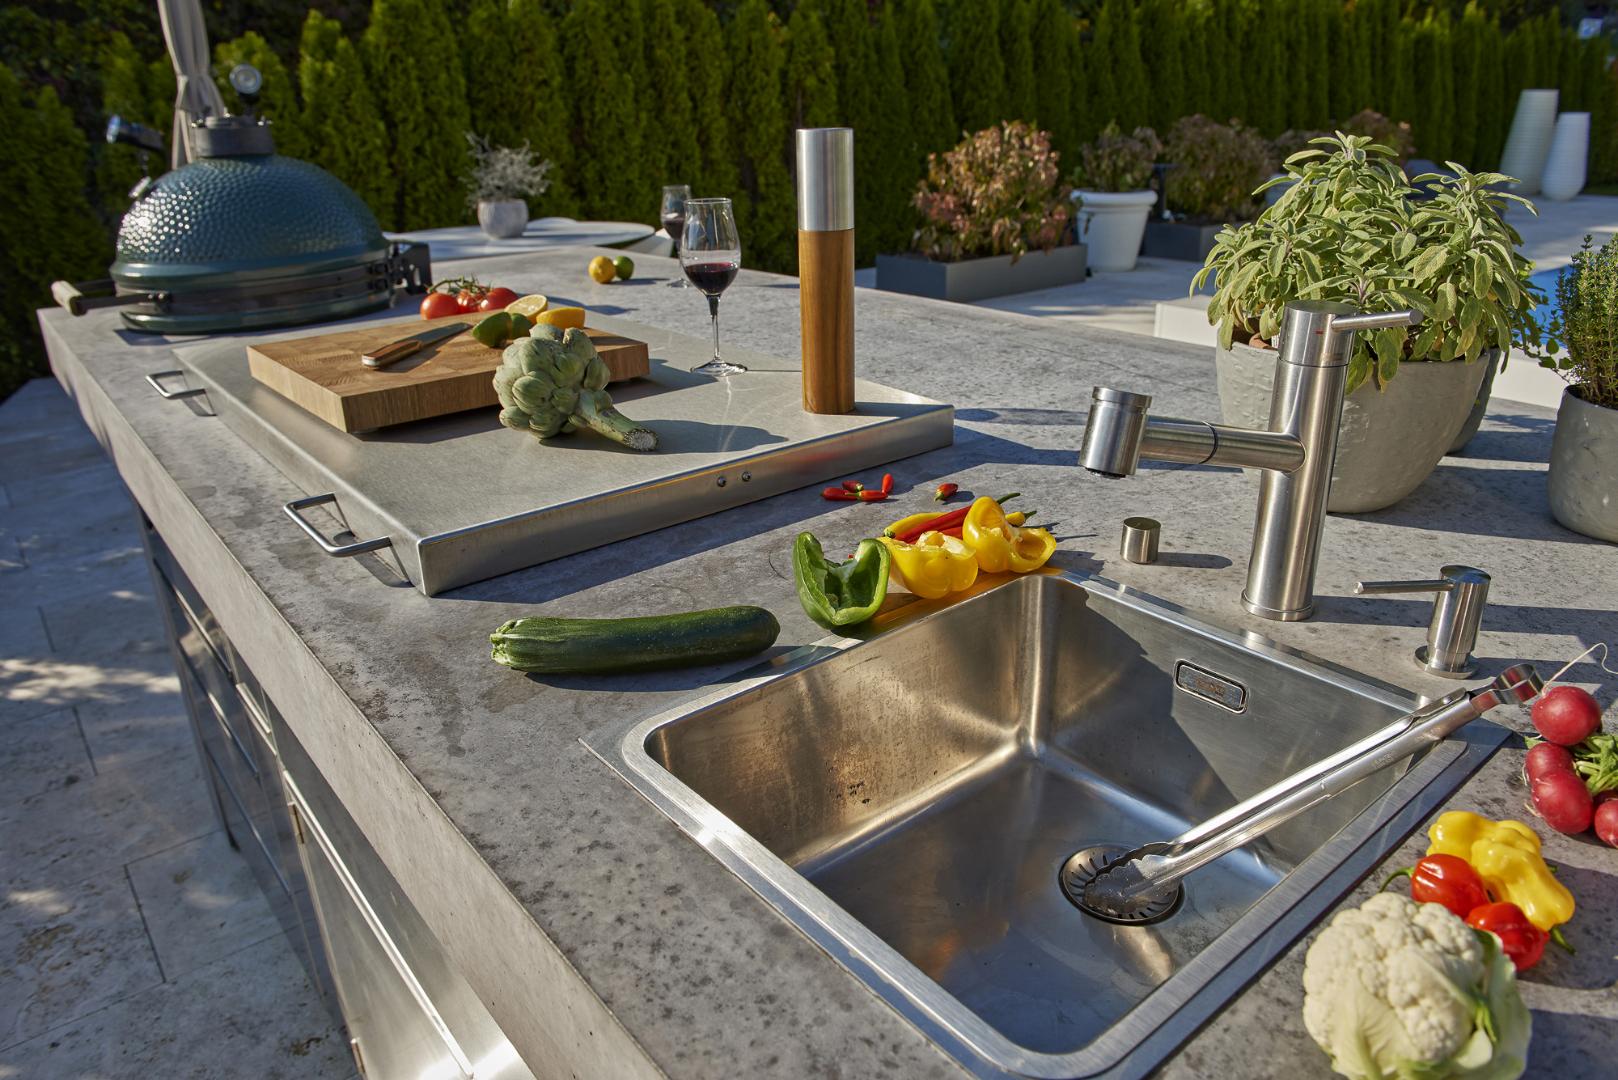 Outdoorküche Garten Zürich : Giardina zürich sommer trends balkongarten und outdoor küche